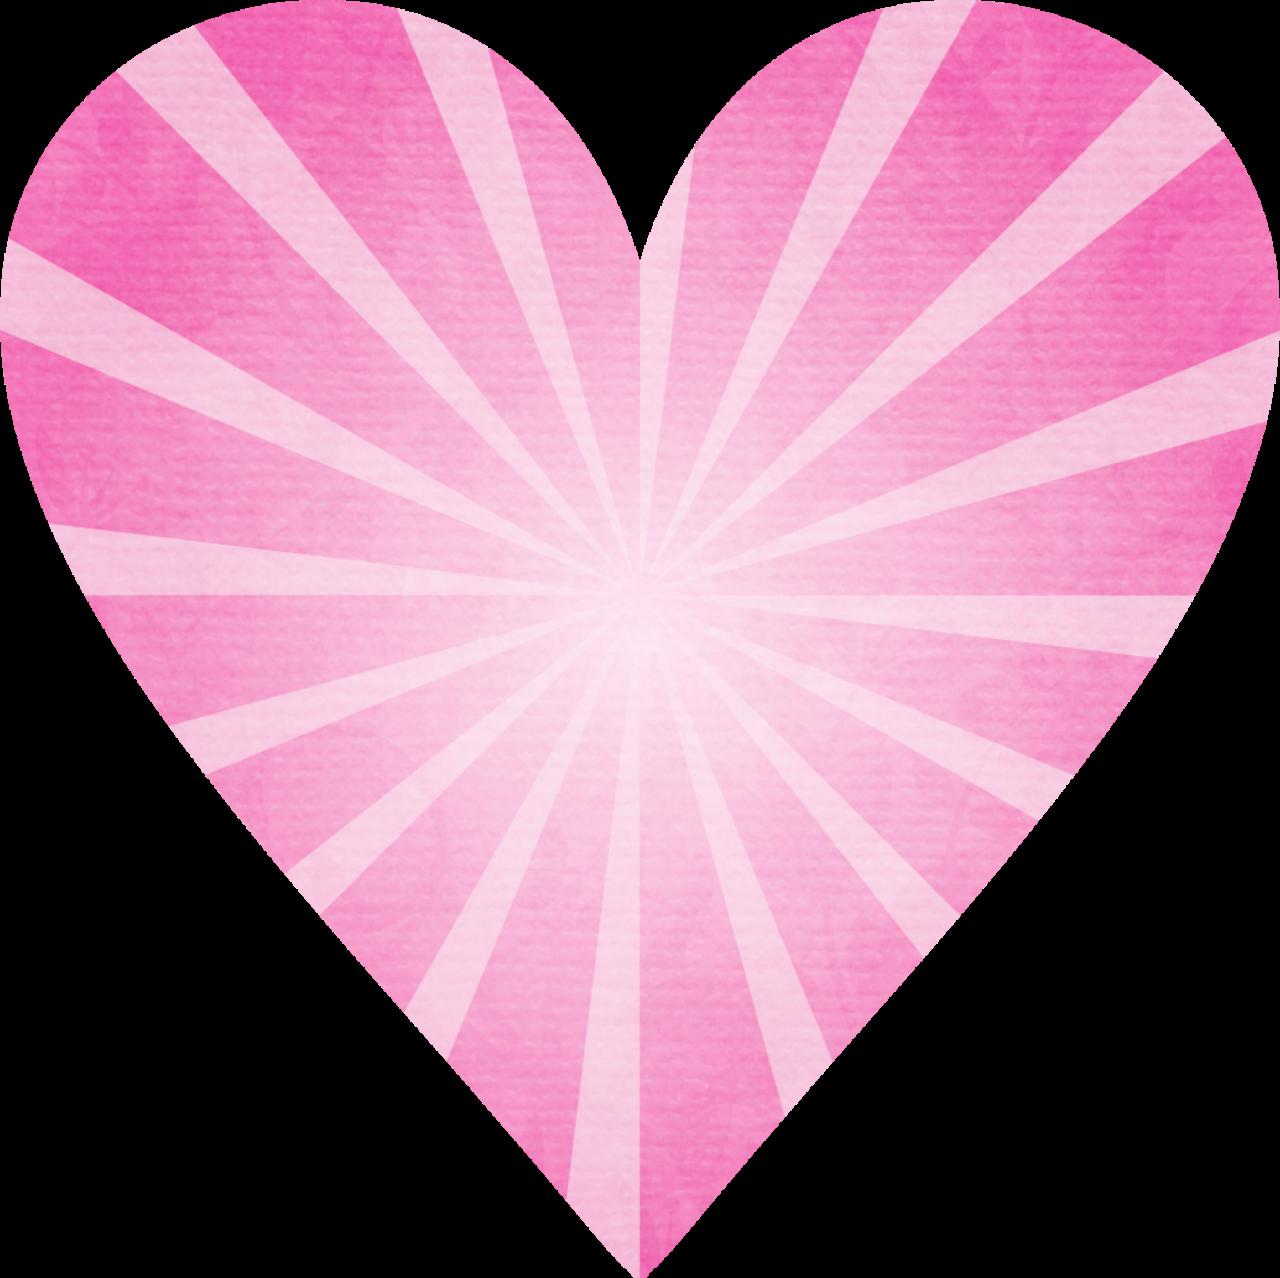 Clipart door pink door. Png transparent heart gingers